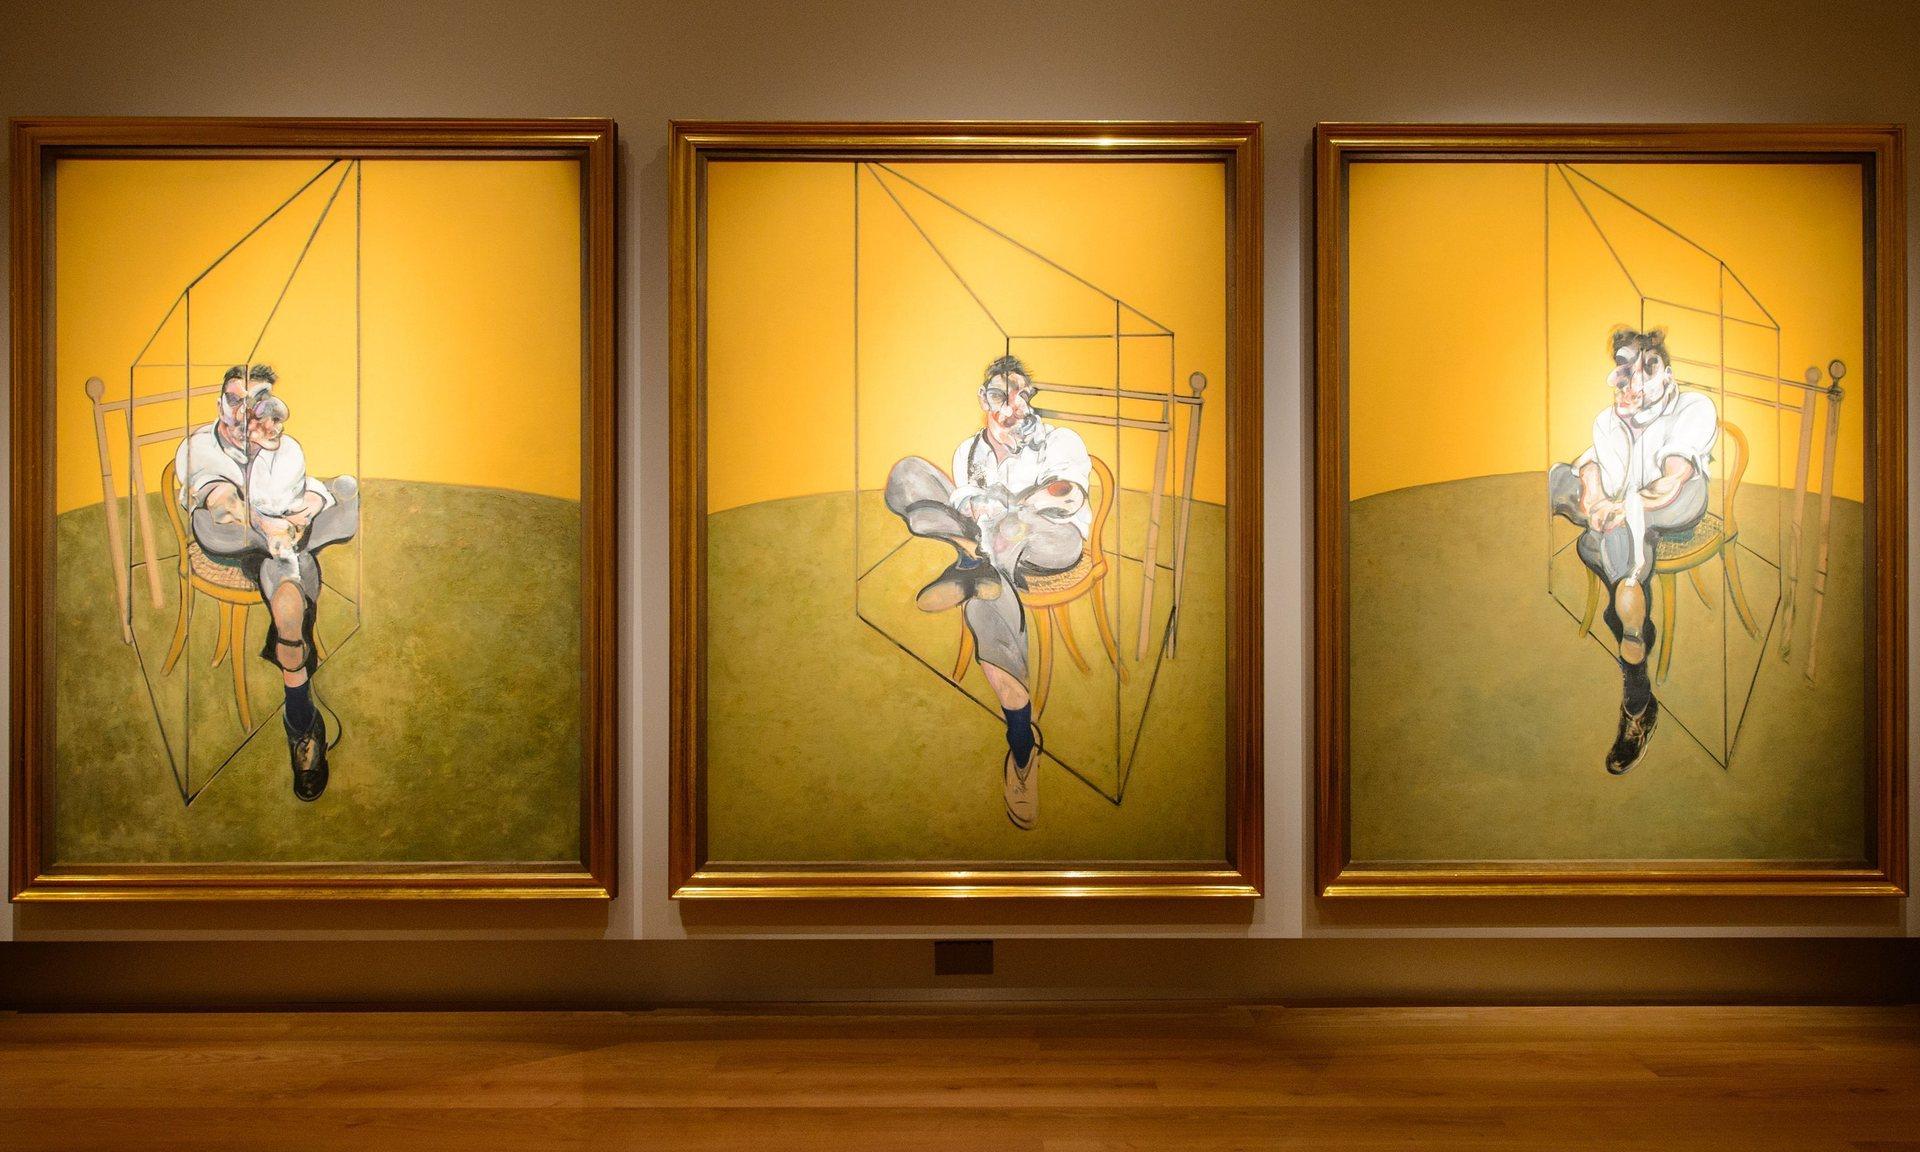 سرقت نقاشیهای 23 میلیون پوندی فرانسیس بیکن